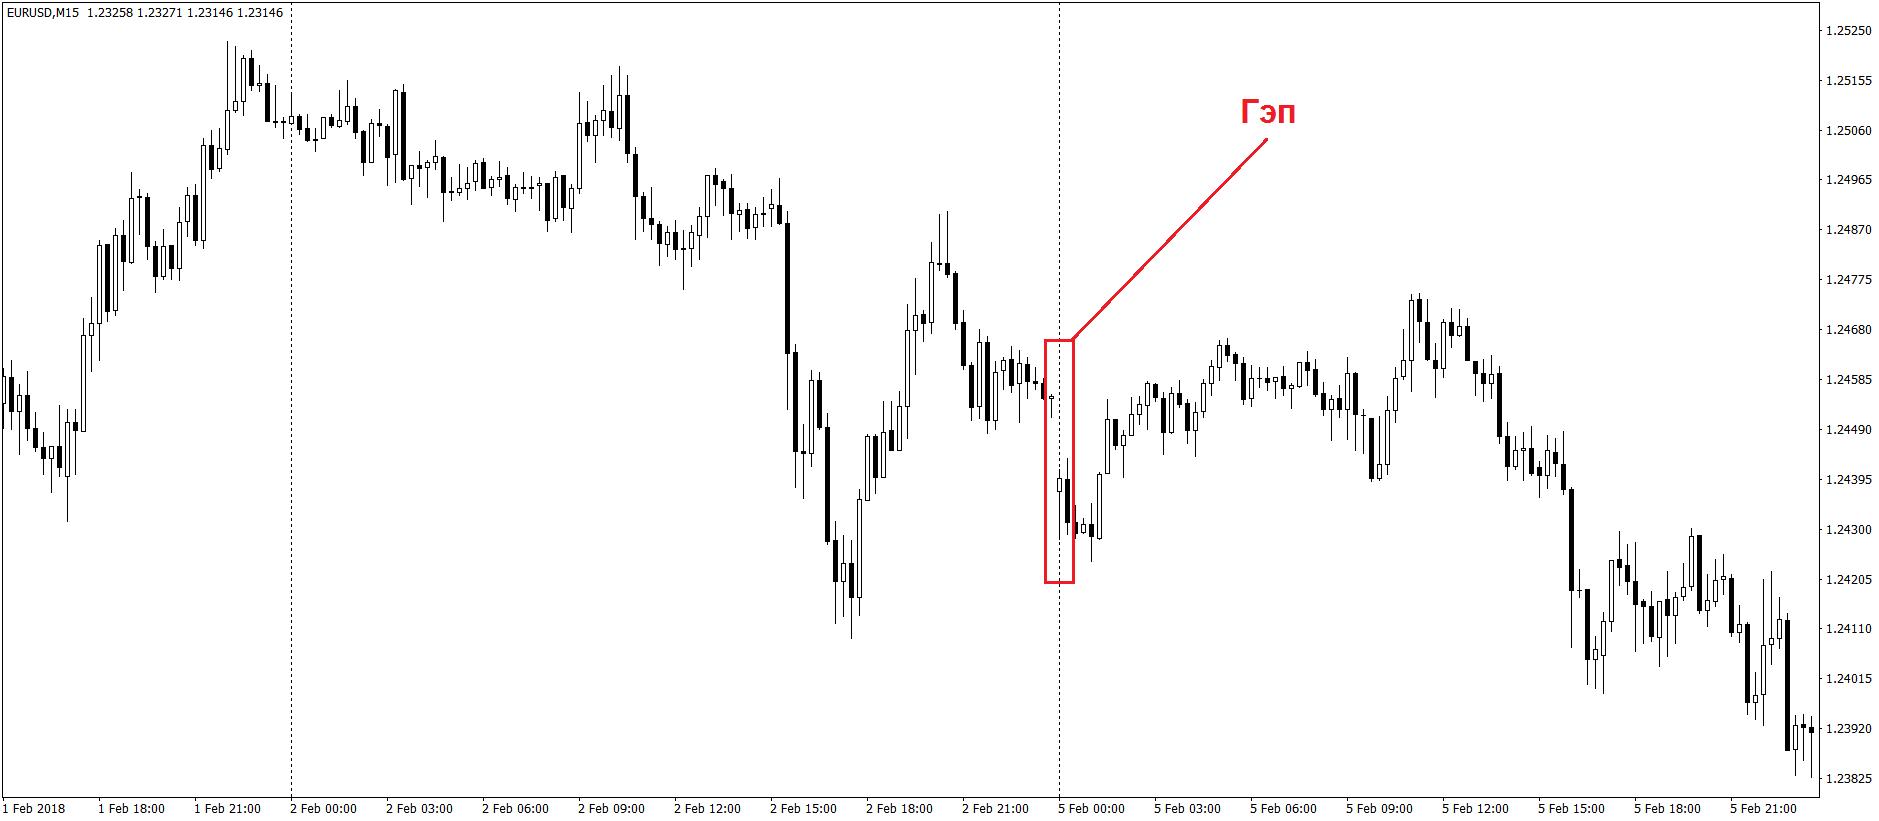 Возникновения гэпа на валютной паре eur/usd и его закрытие